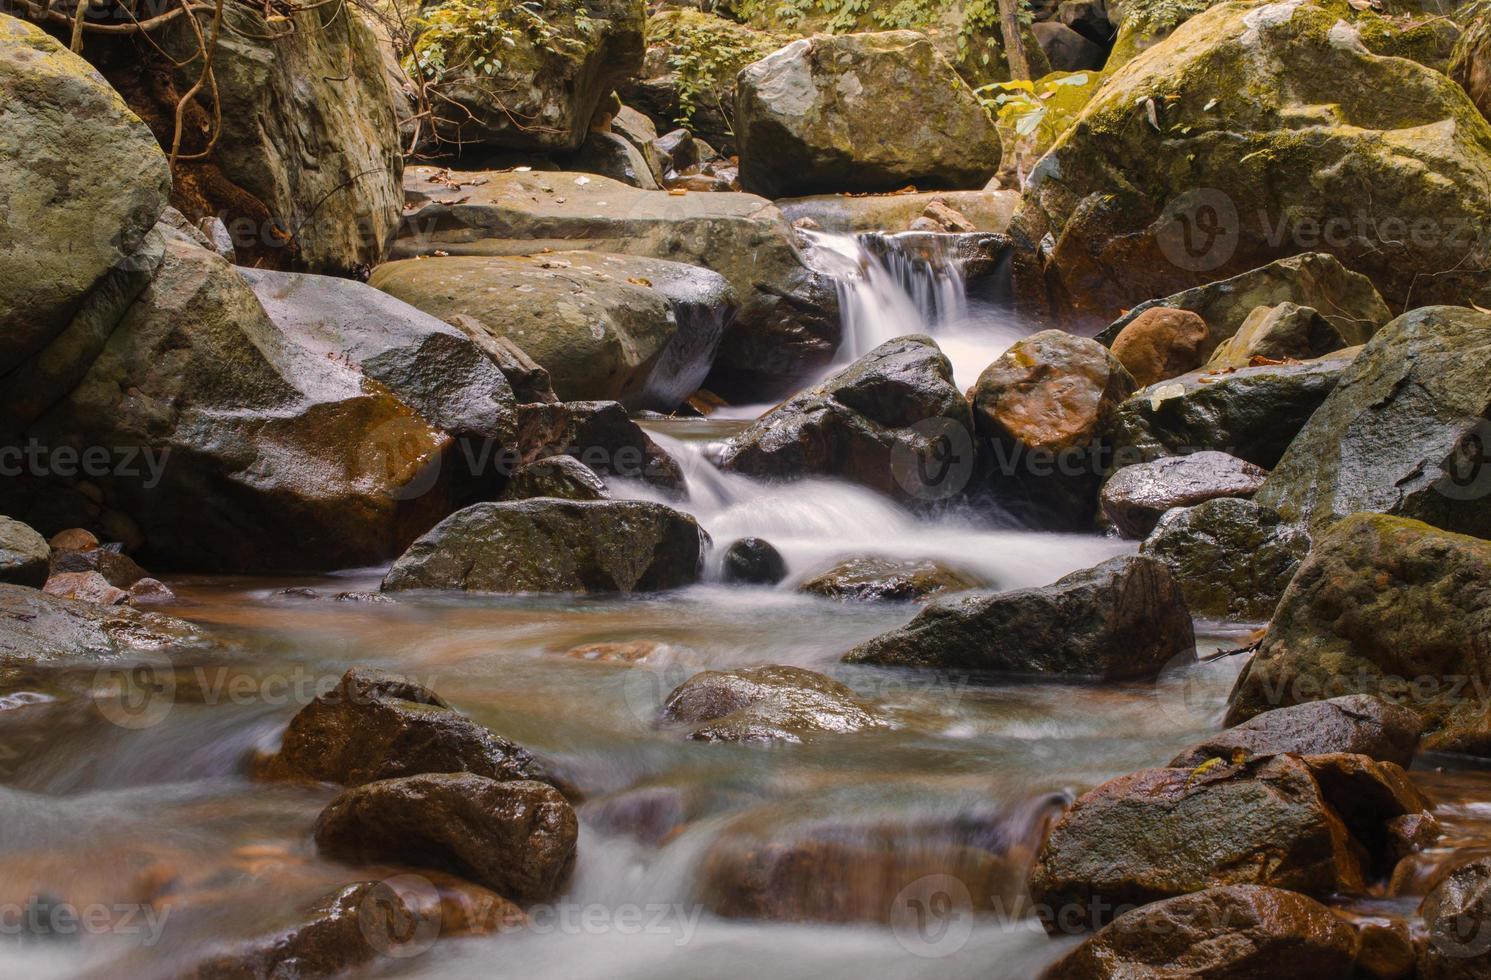 Wasserfall im tiefen Regenwalddschungel am Nationalpark, foto